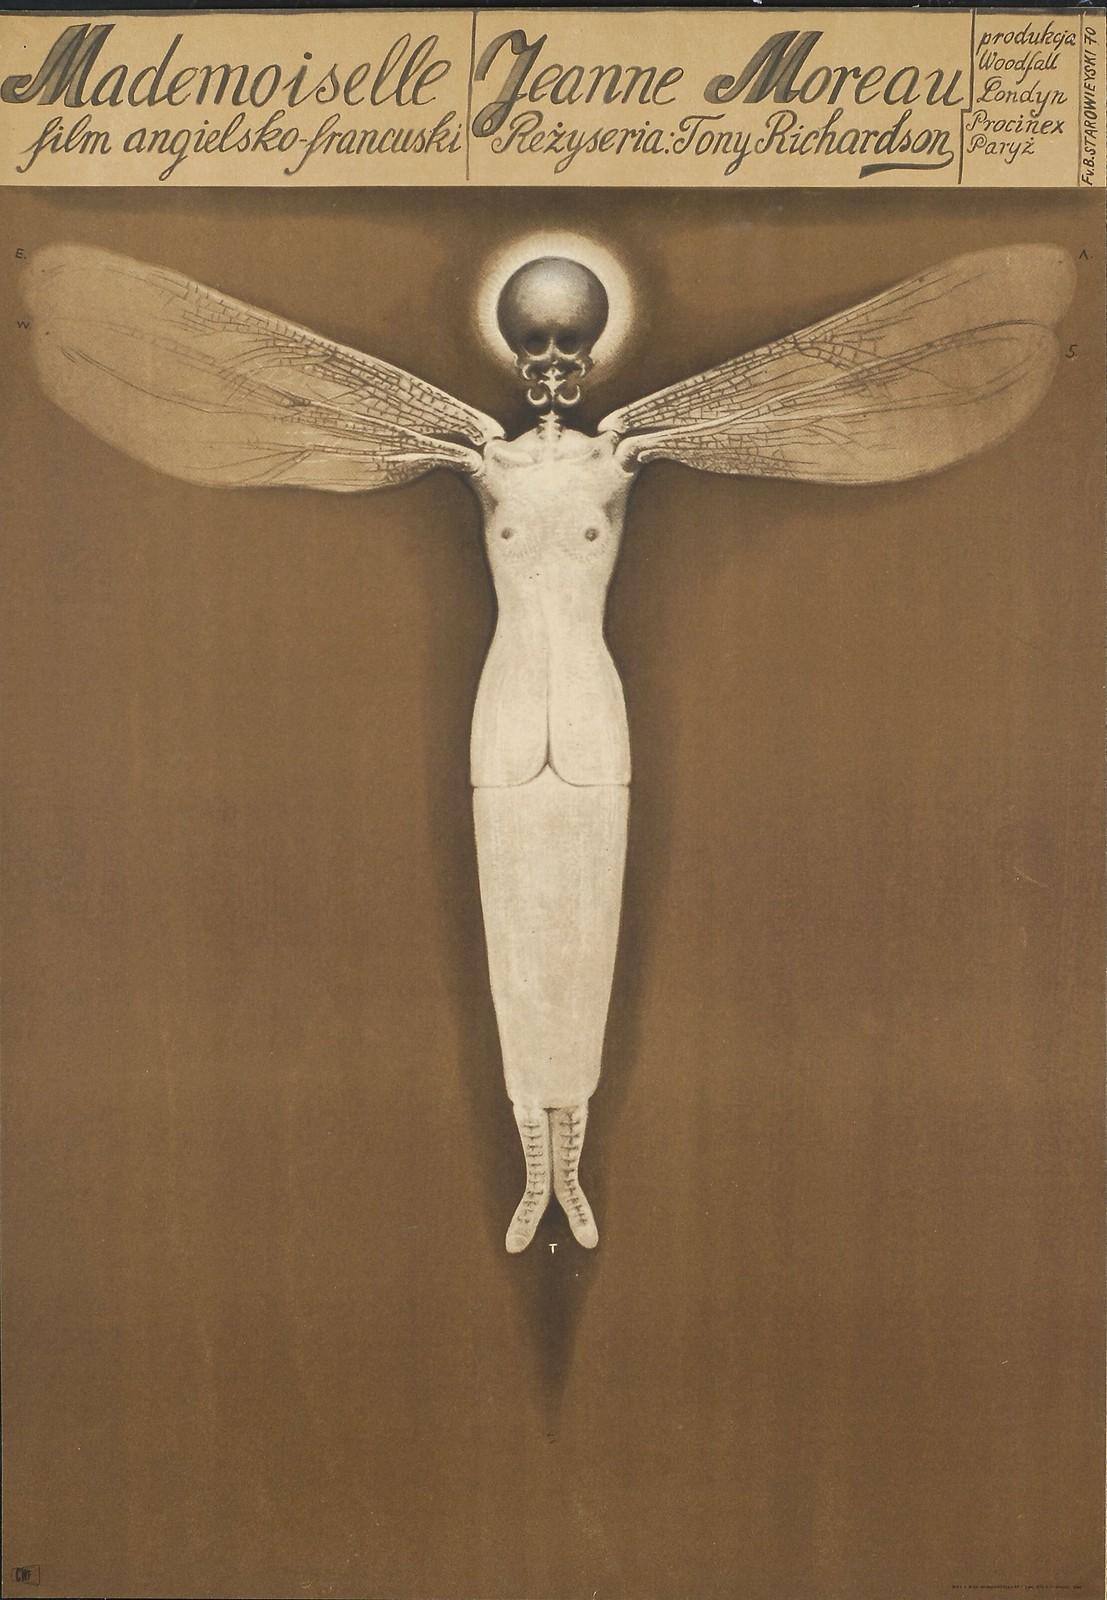 Franciszek Starowieyski - Mademoiselle 1970